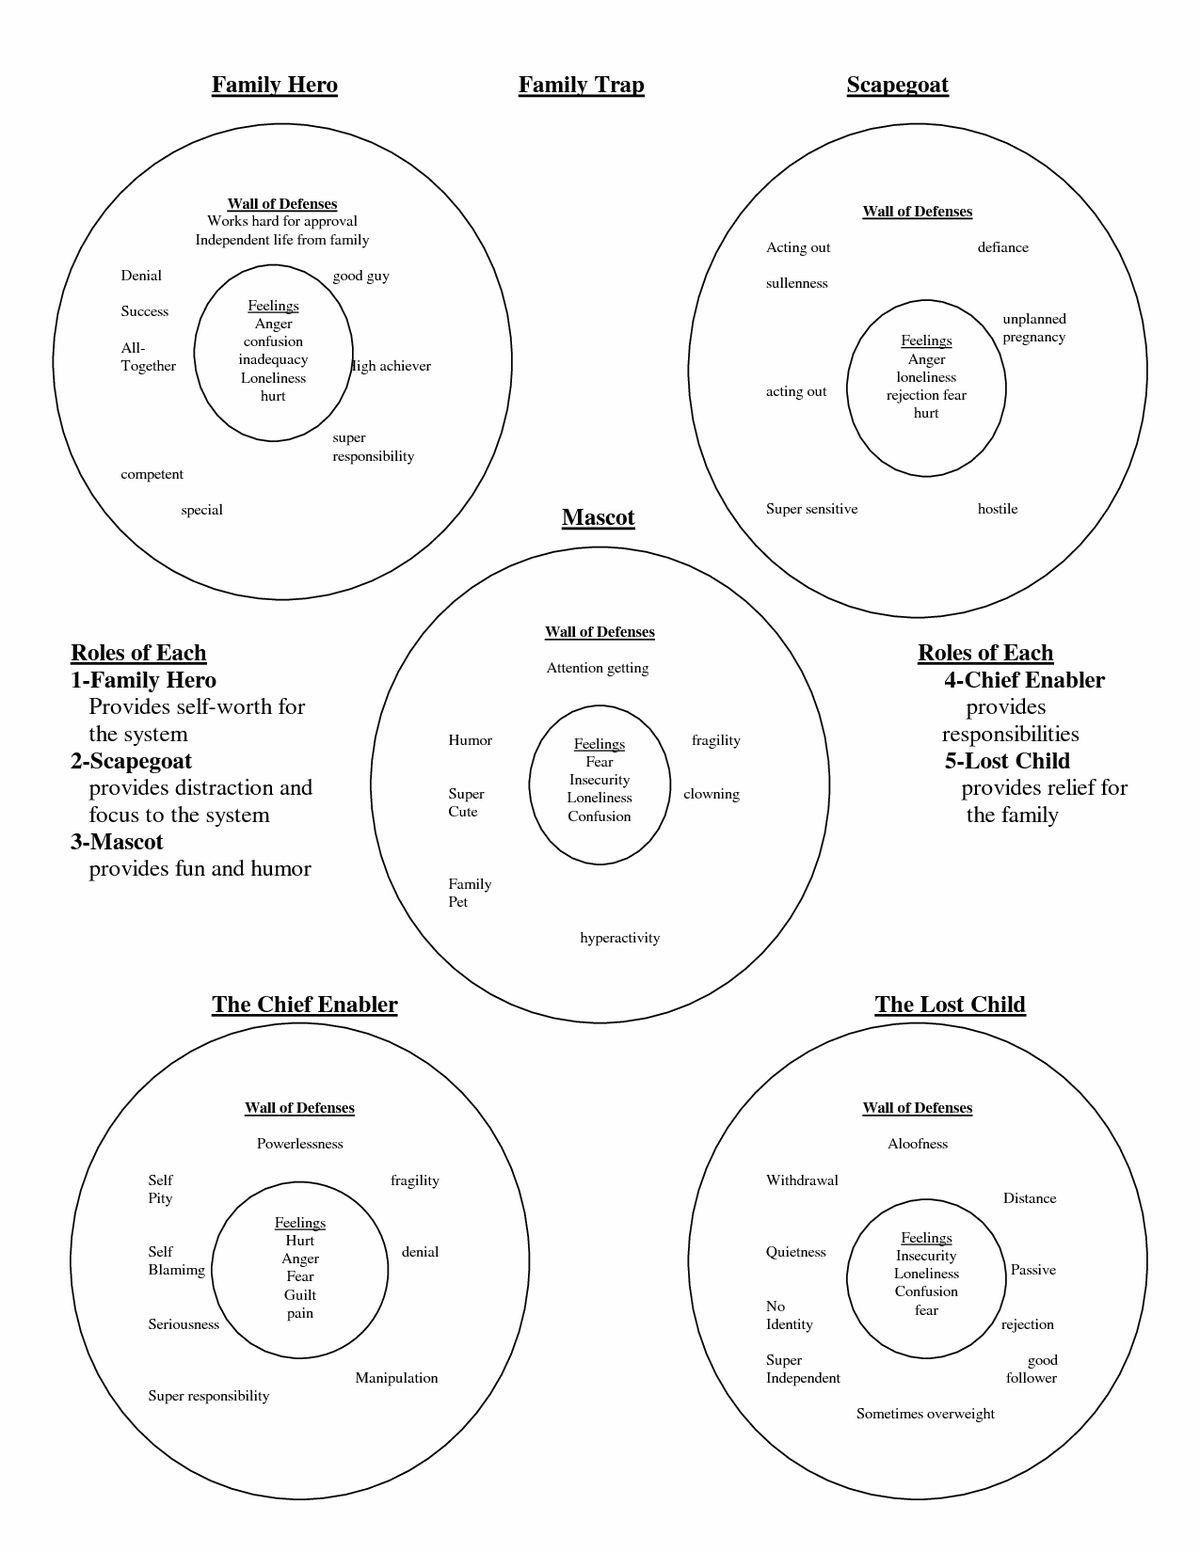 Workbooks trauma focused cbt worksheets : a51079a8ec99a5ff91bff6b12287db11.jpg 1,200×1,552 pixels   Personal ...